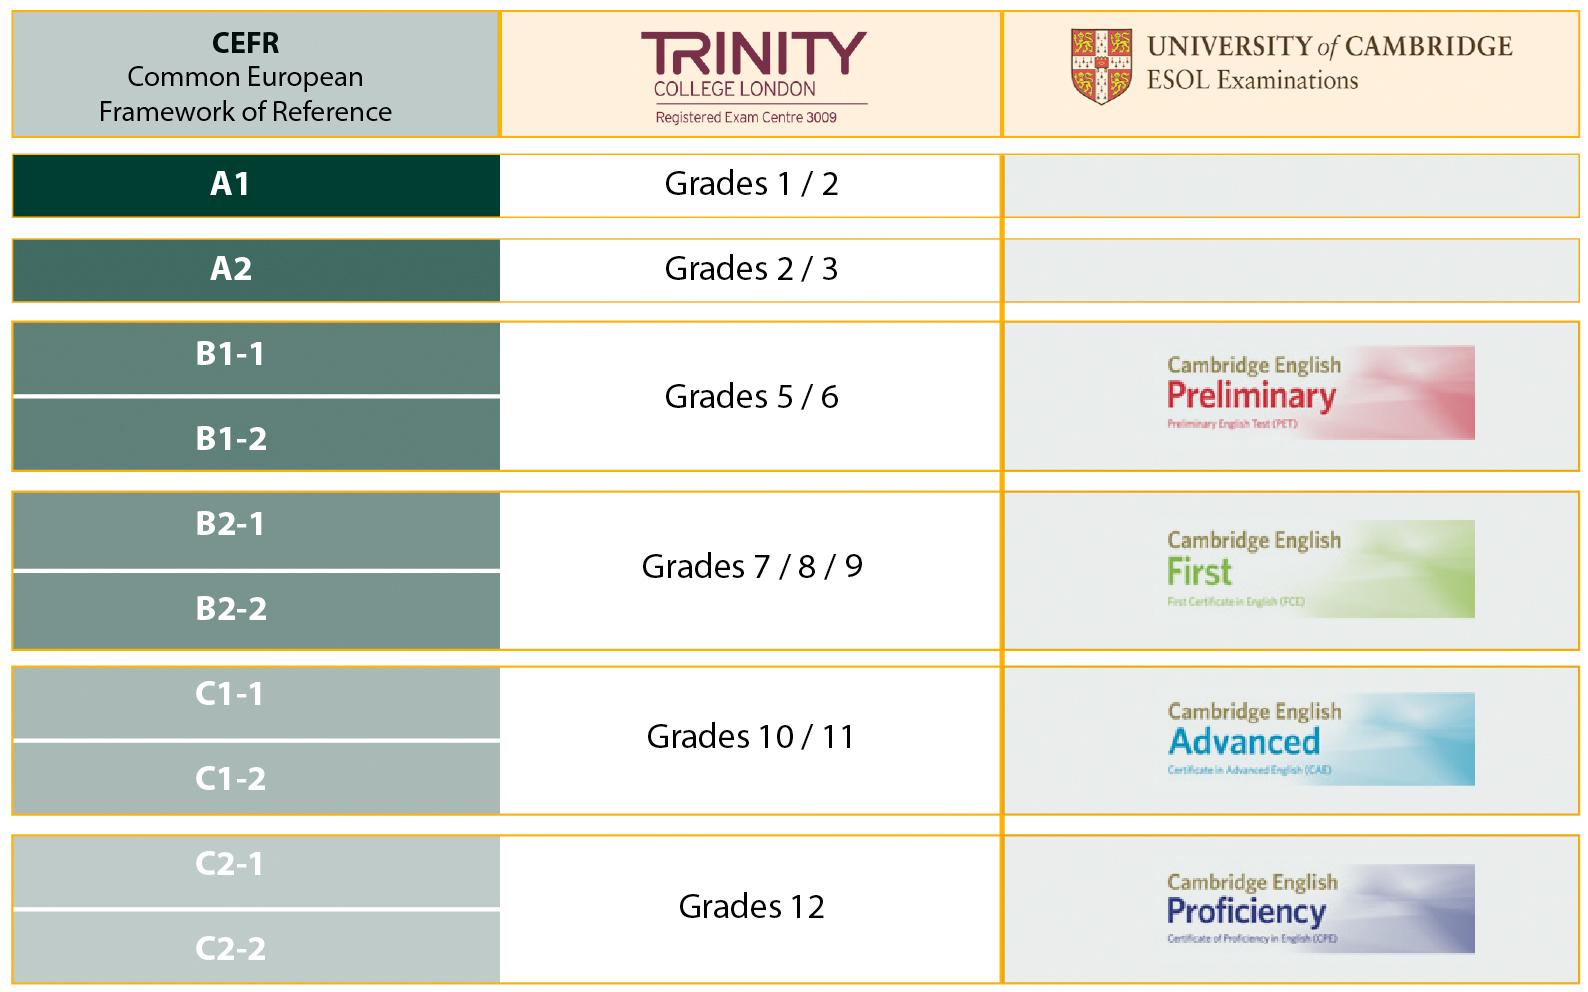 niveles de inglés A1, A2, B1, B2, C1, C2